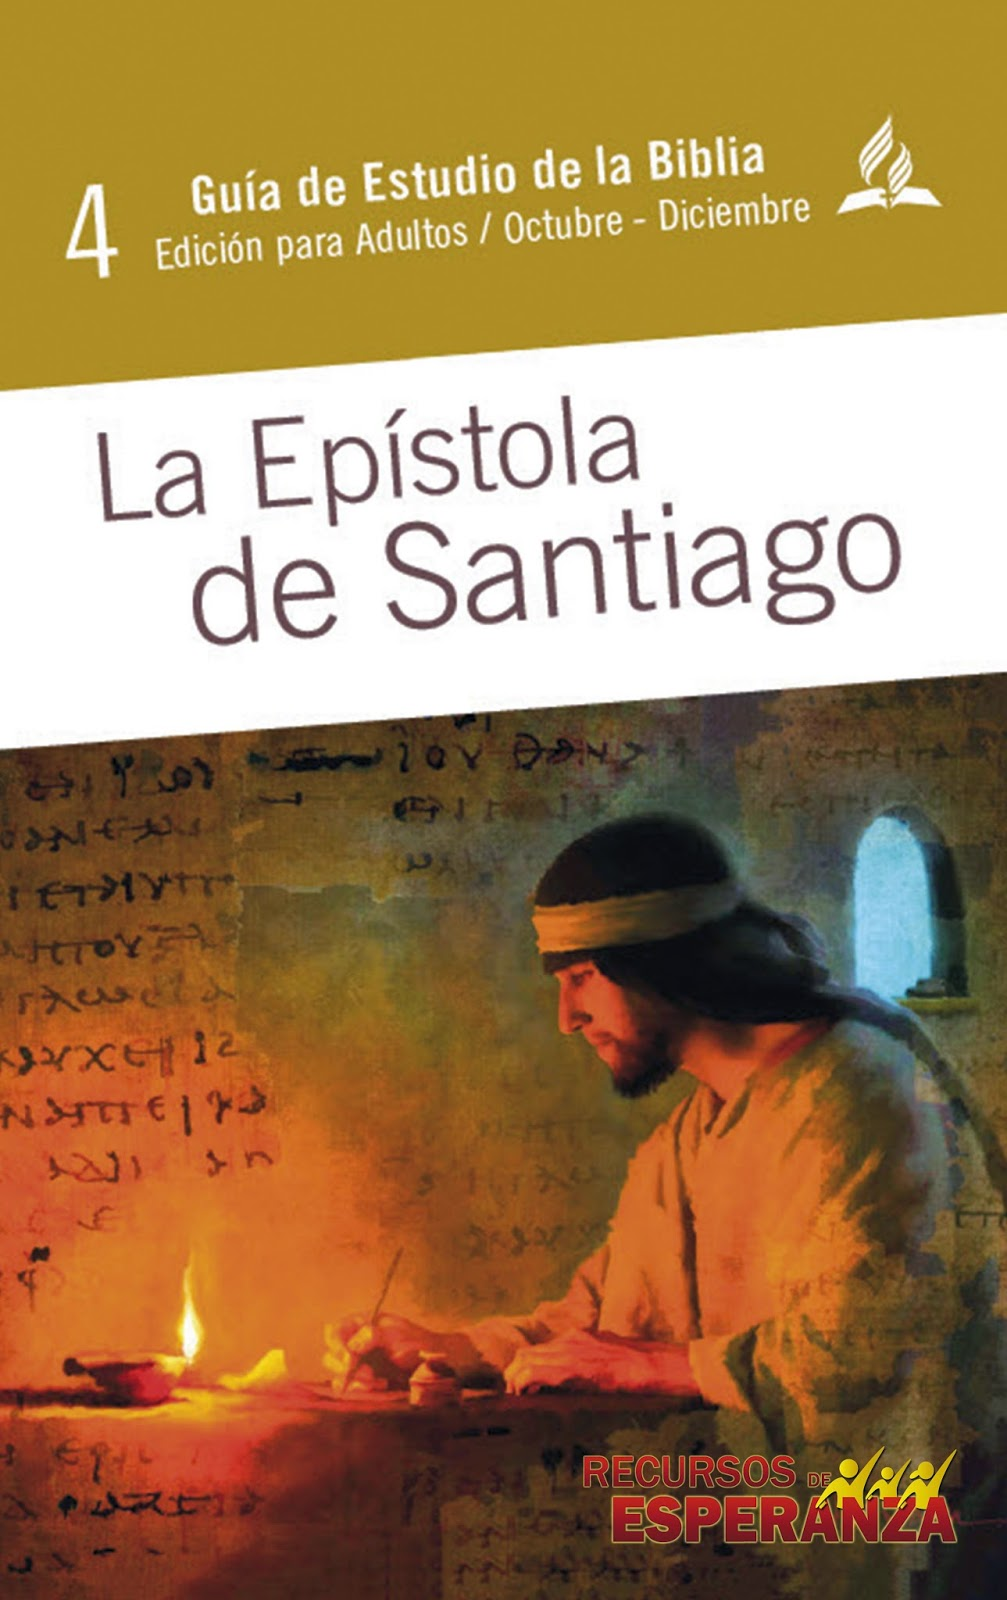 Guía de Estudio de Escuela Sabática | La Epístola de Santiago | 4to